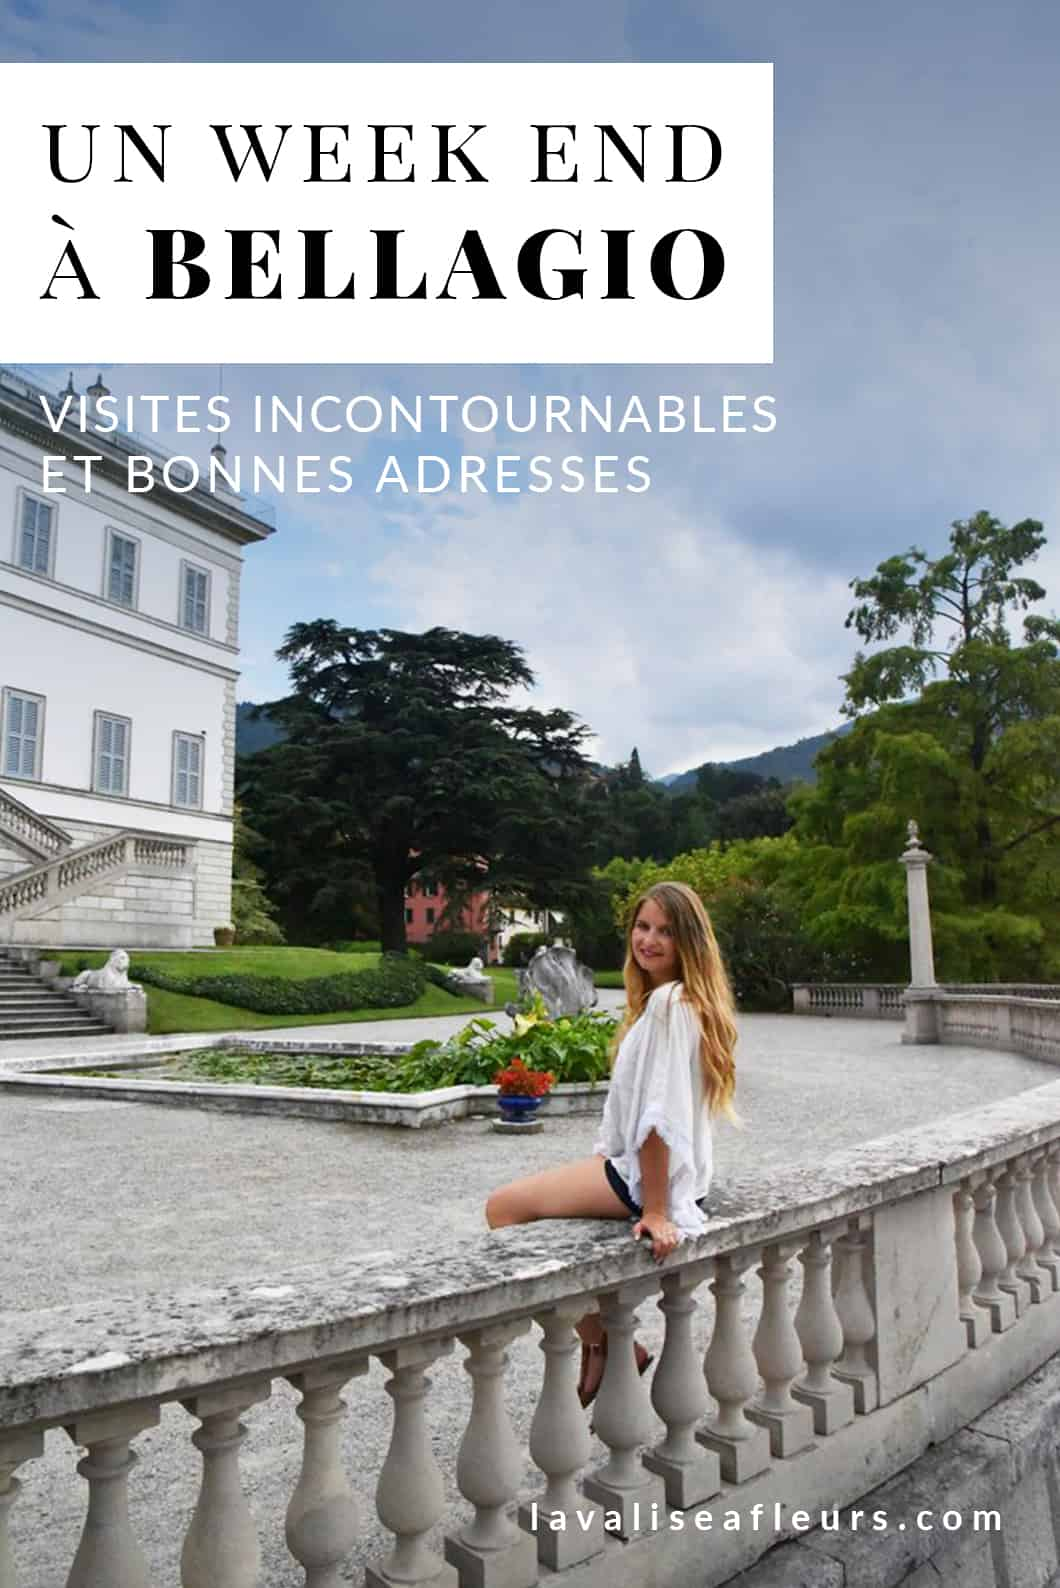 Un Week end à Bellagio, activités incontournables et bonnes adresses